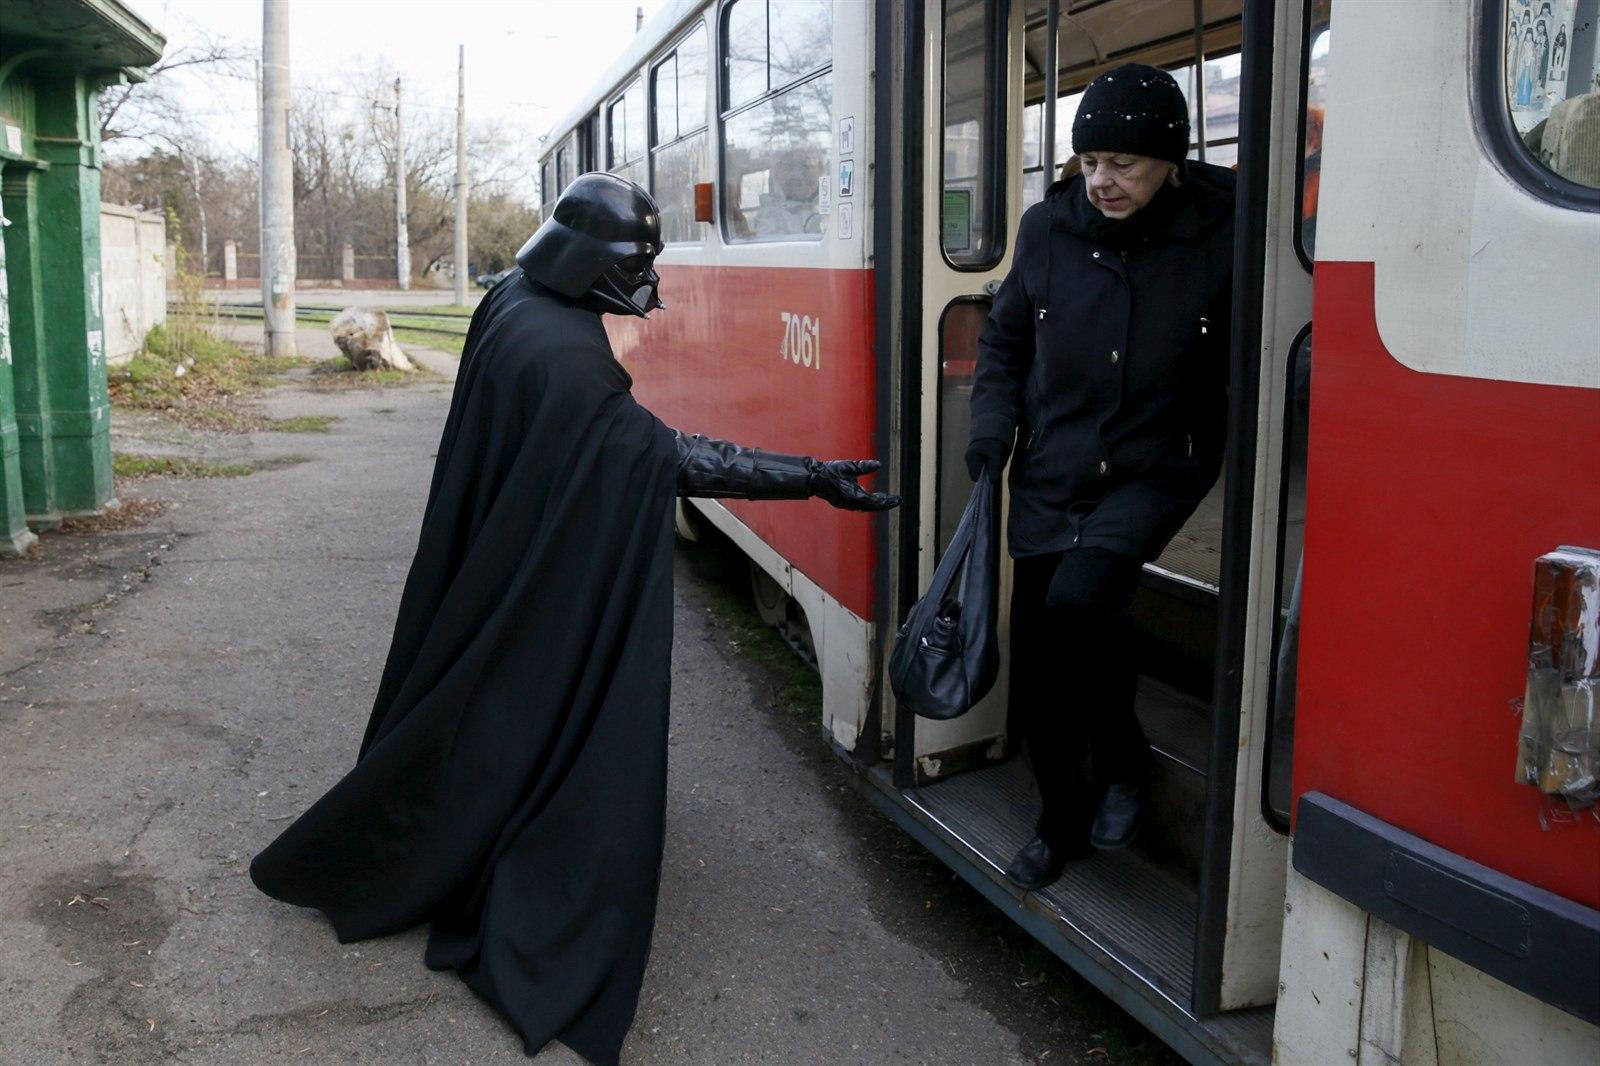 Věčně galantní George Lucas v přestrojení se v Praze svezl i tramvají!